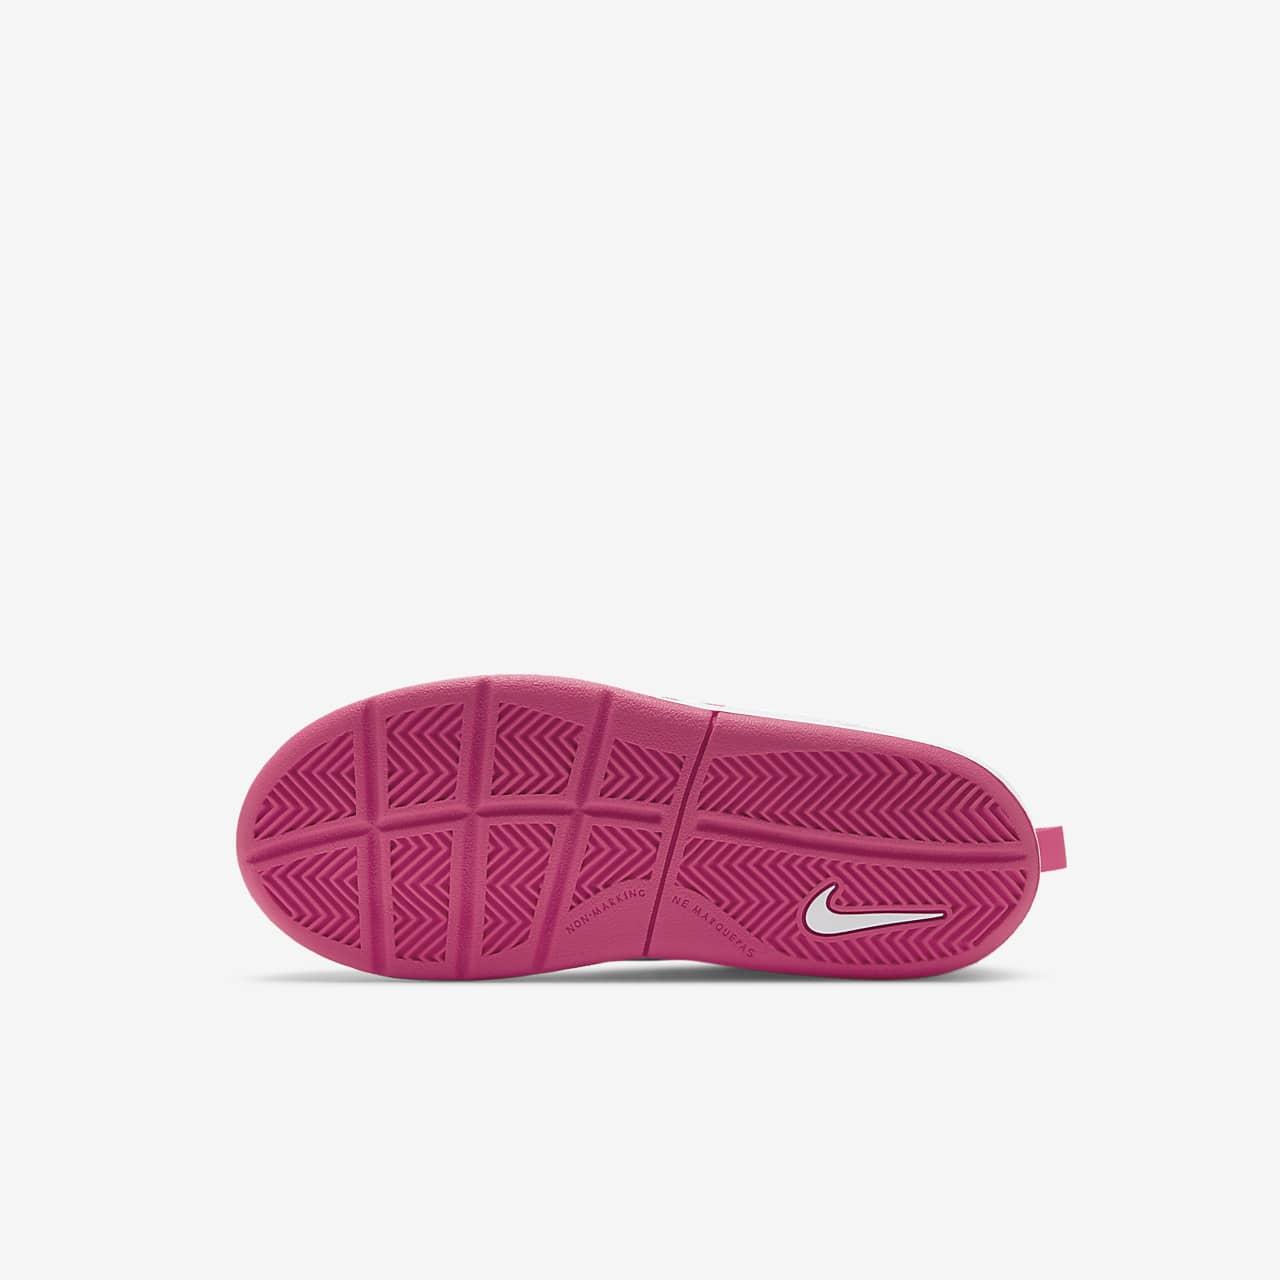 Pico Pico Nike Nike 4 Pico Nike 4 VGzqMUpS